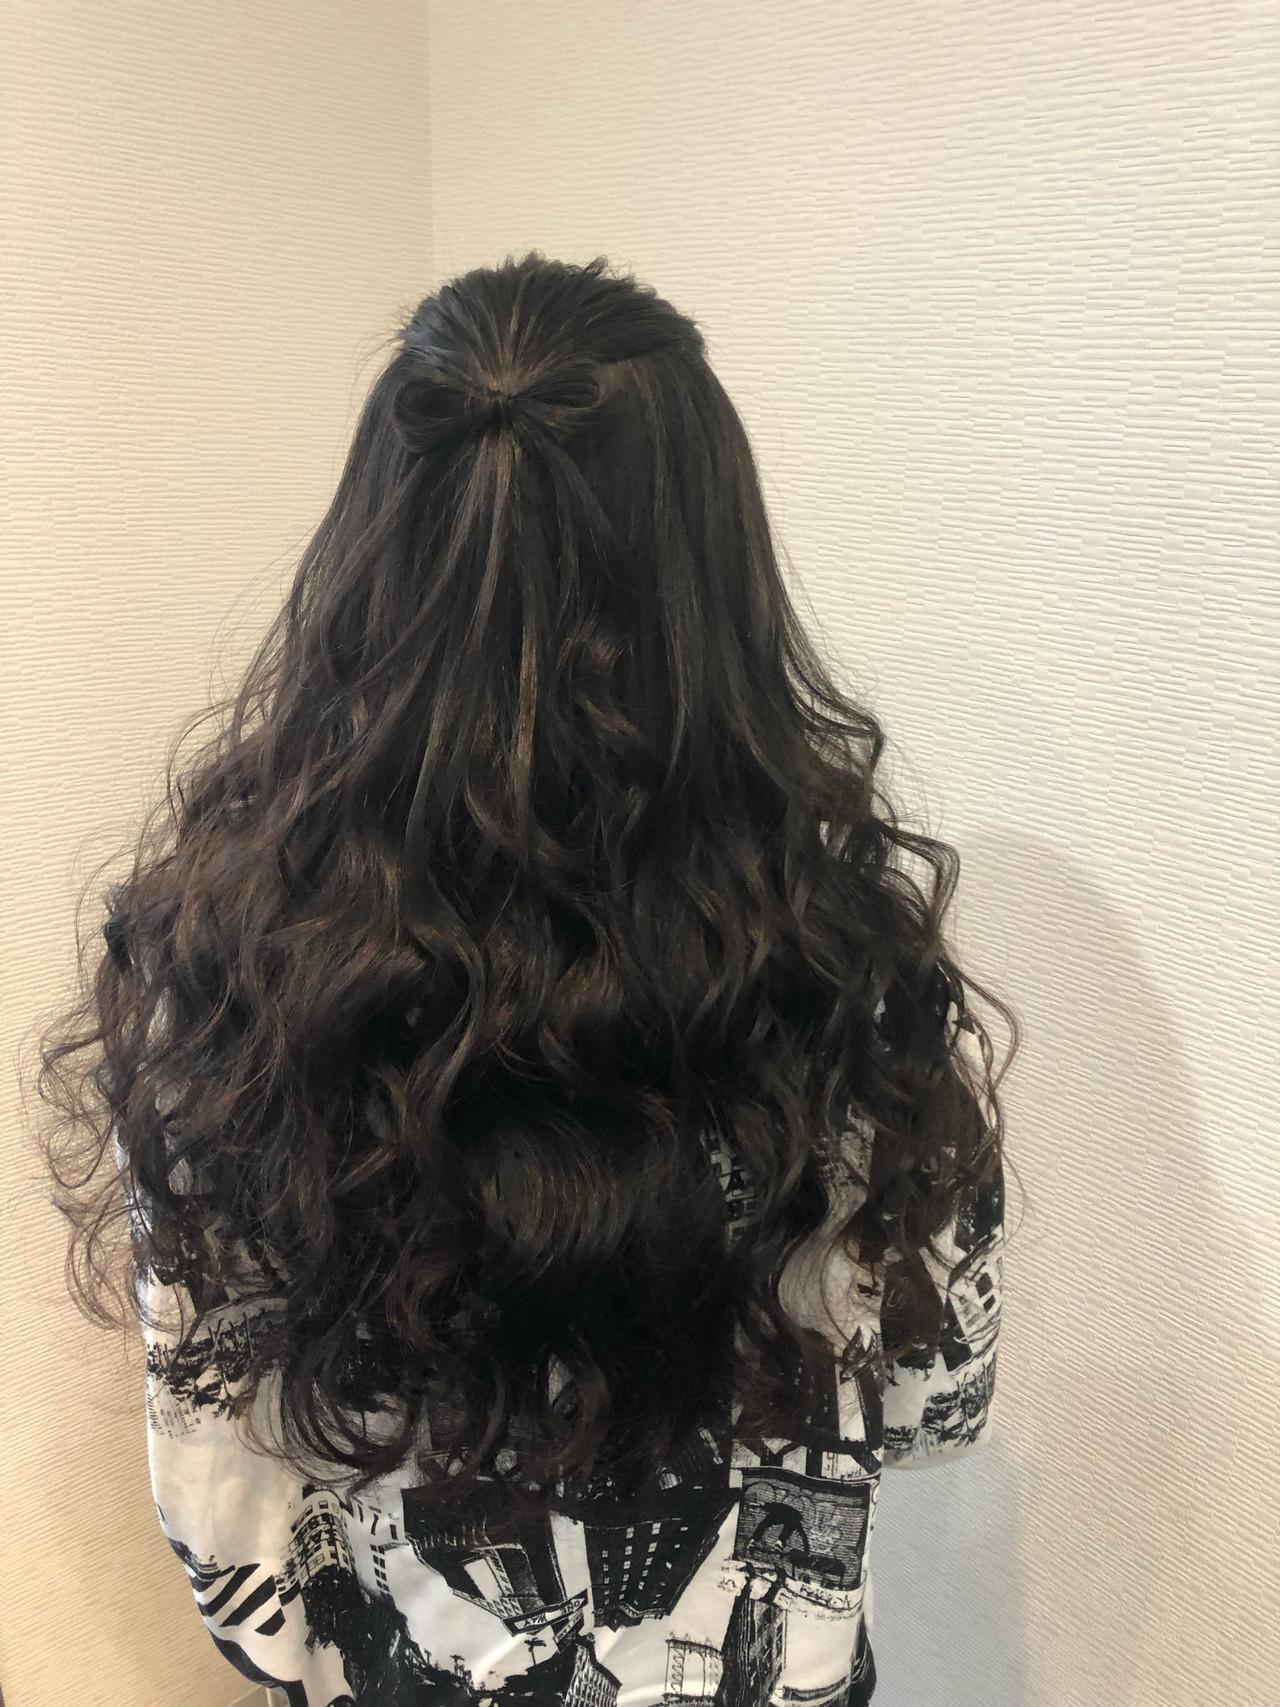 黒髪もゴージャスに♡華やかMIX巻きハーフアップ mai